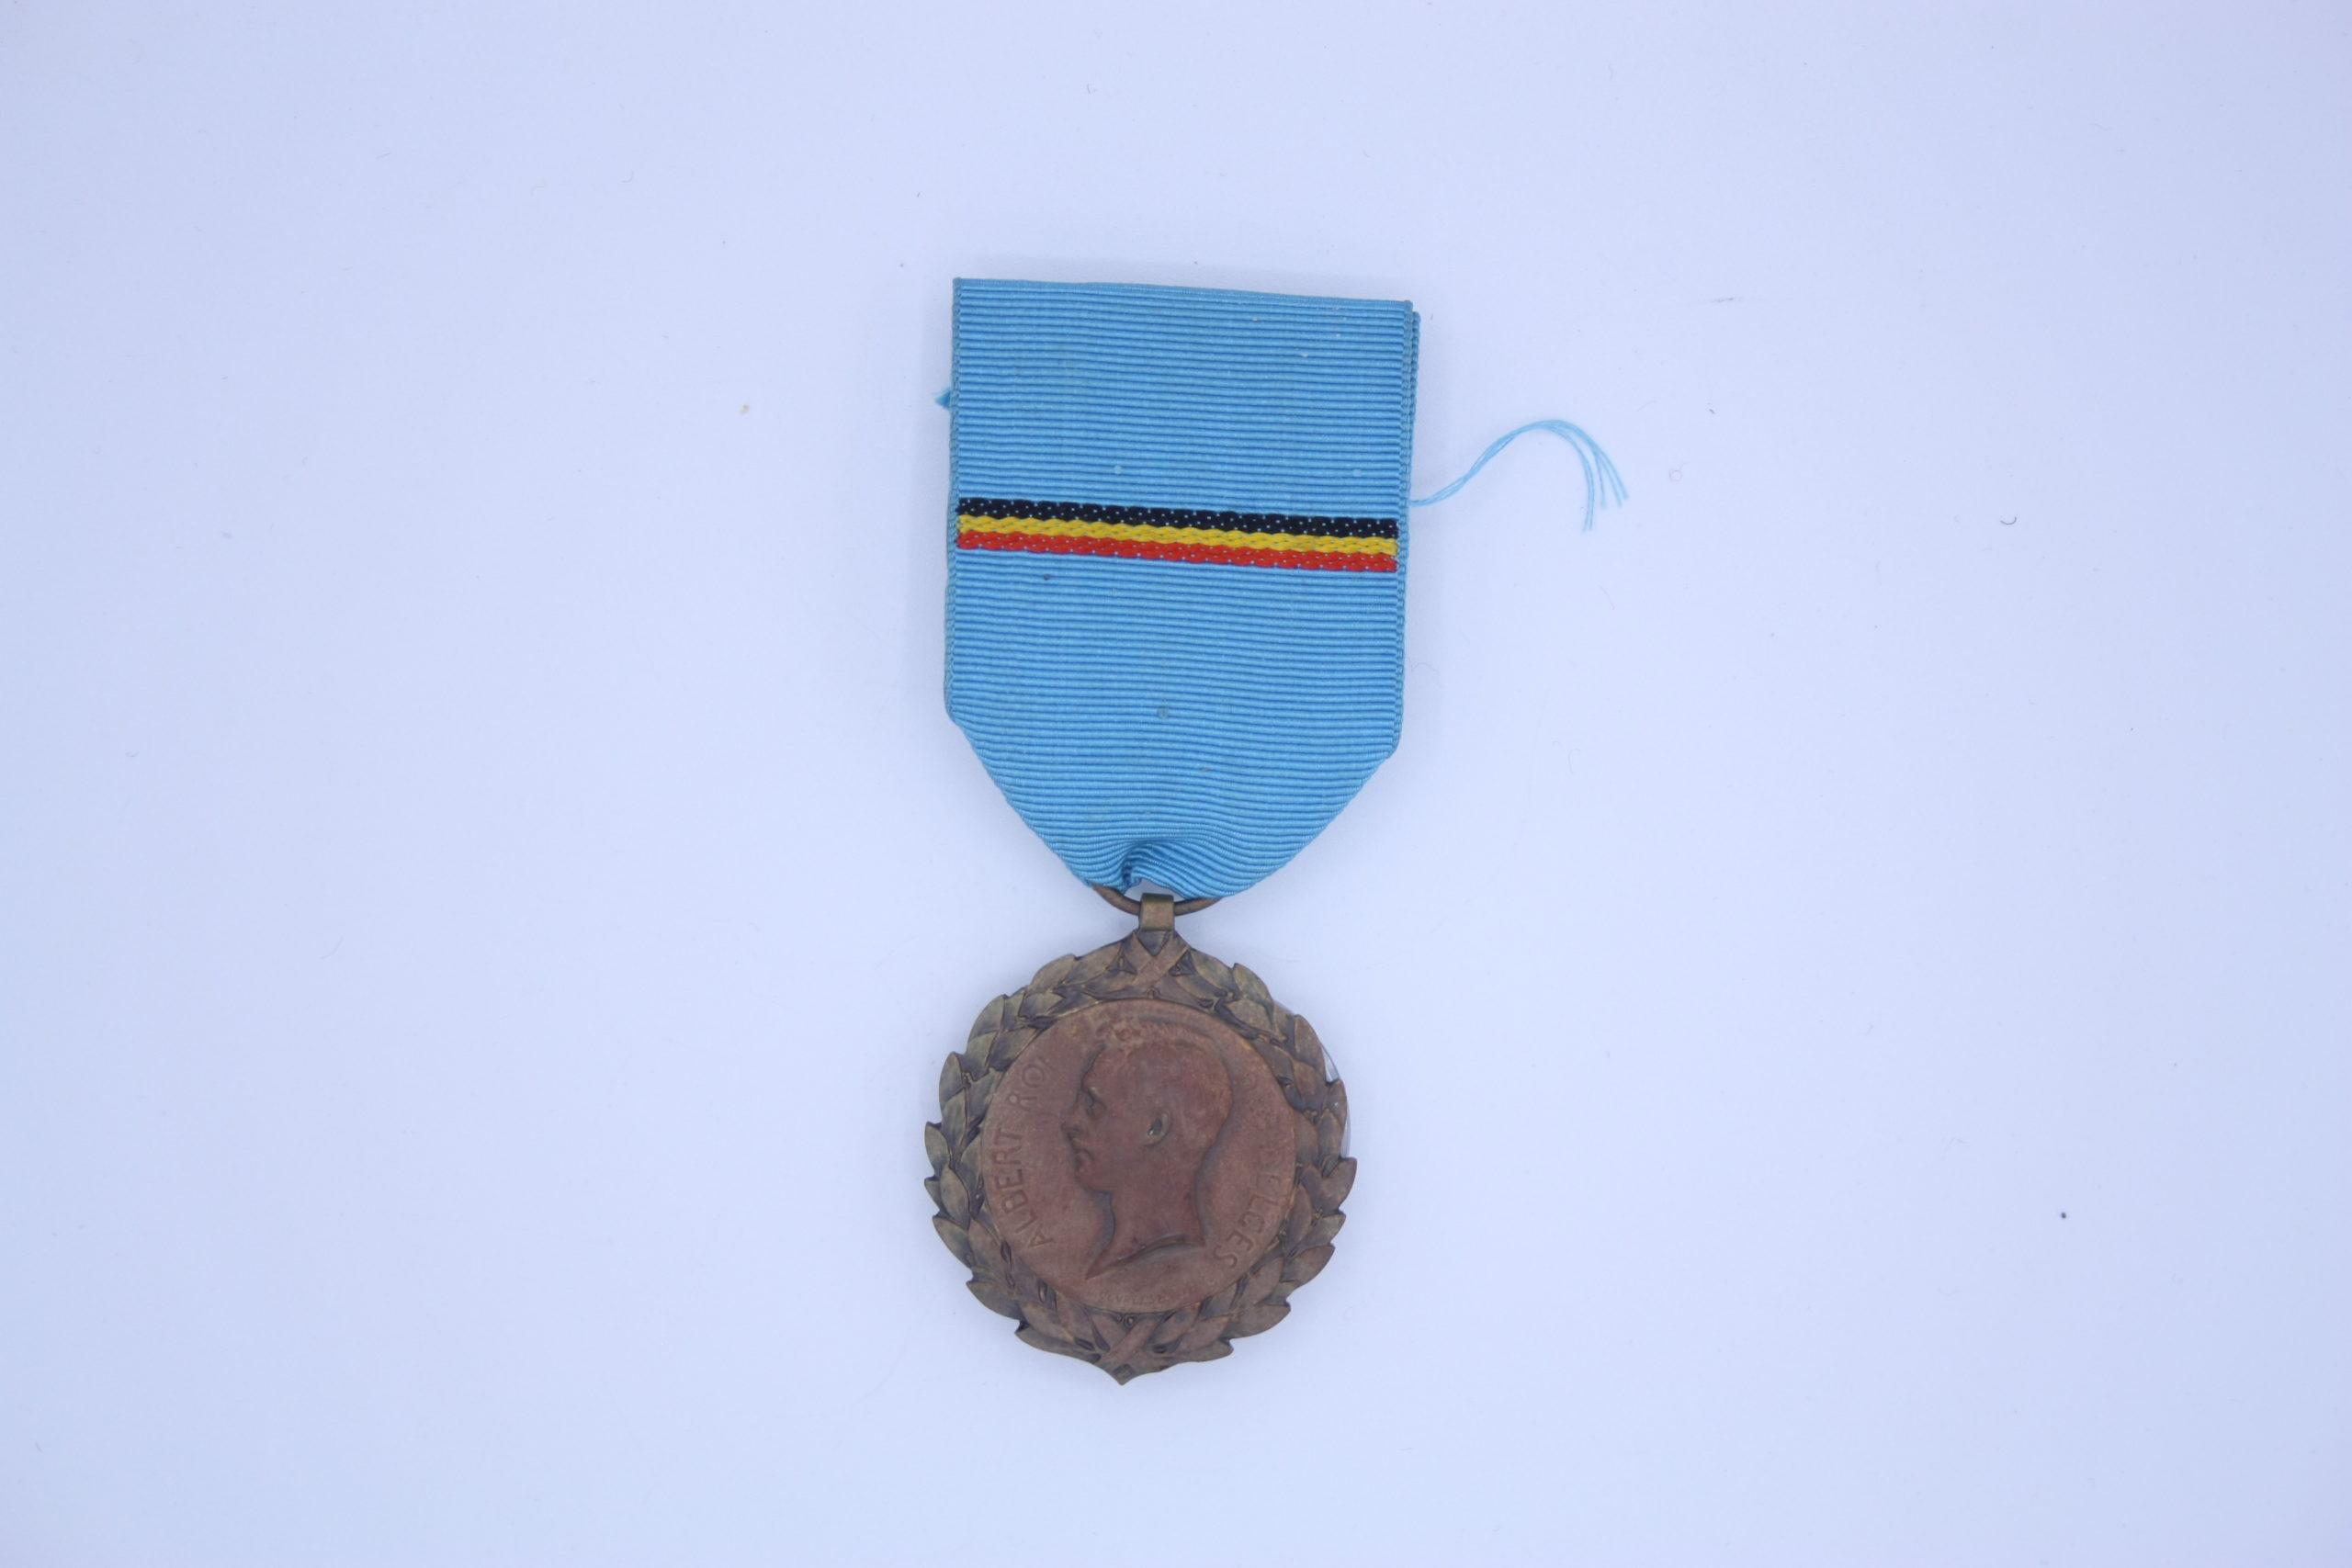 Décoration - Belgique - Médaille Prisonnier Politique 1914-1918